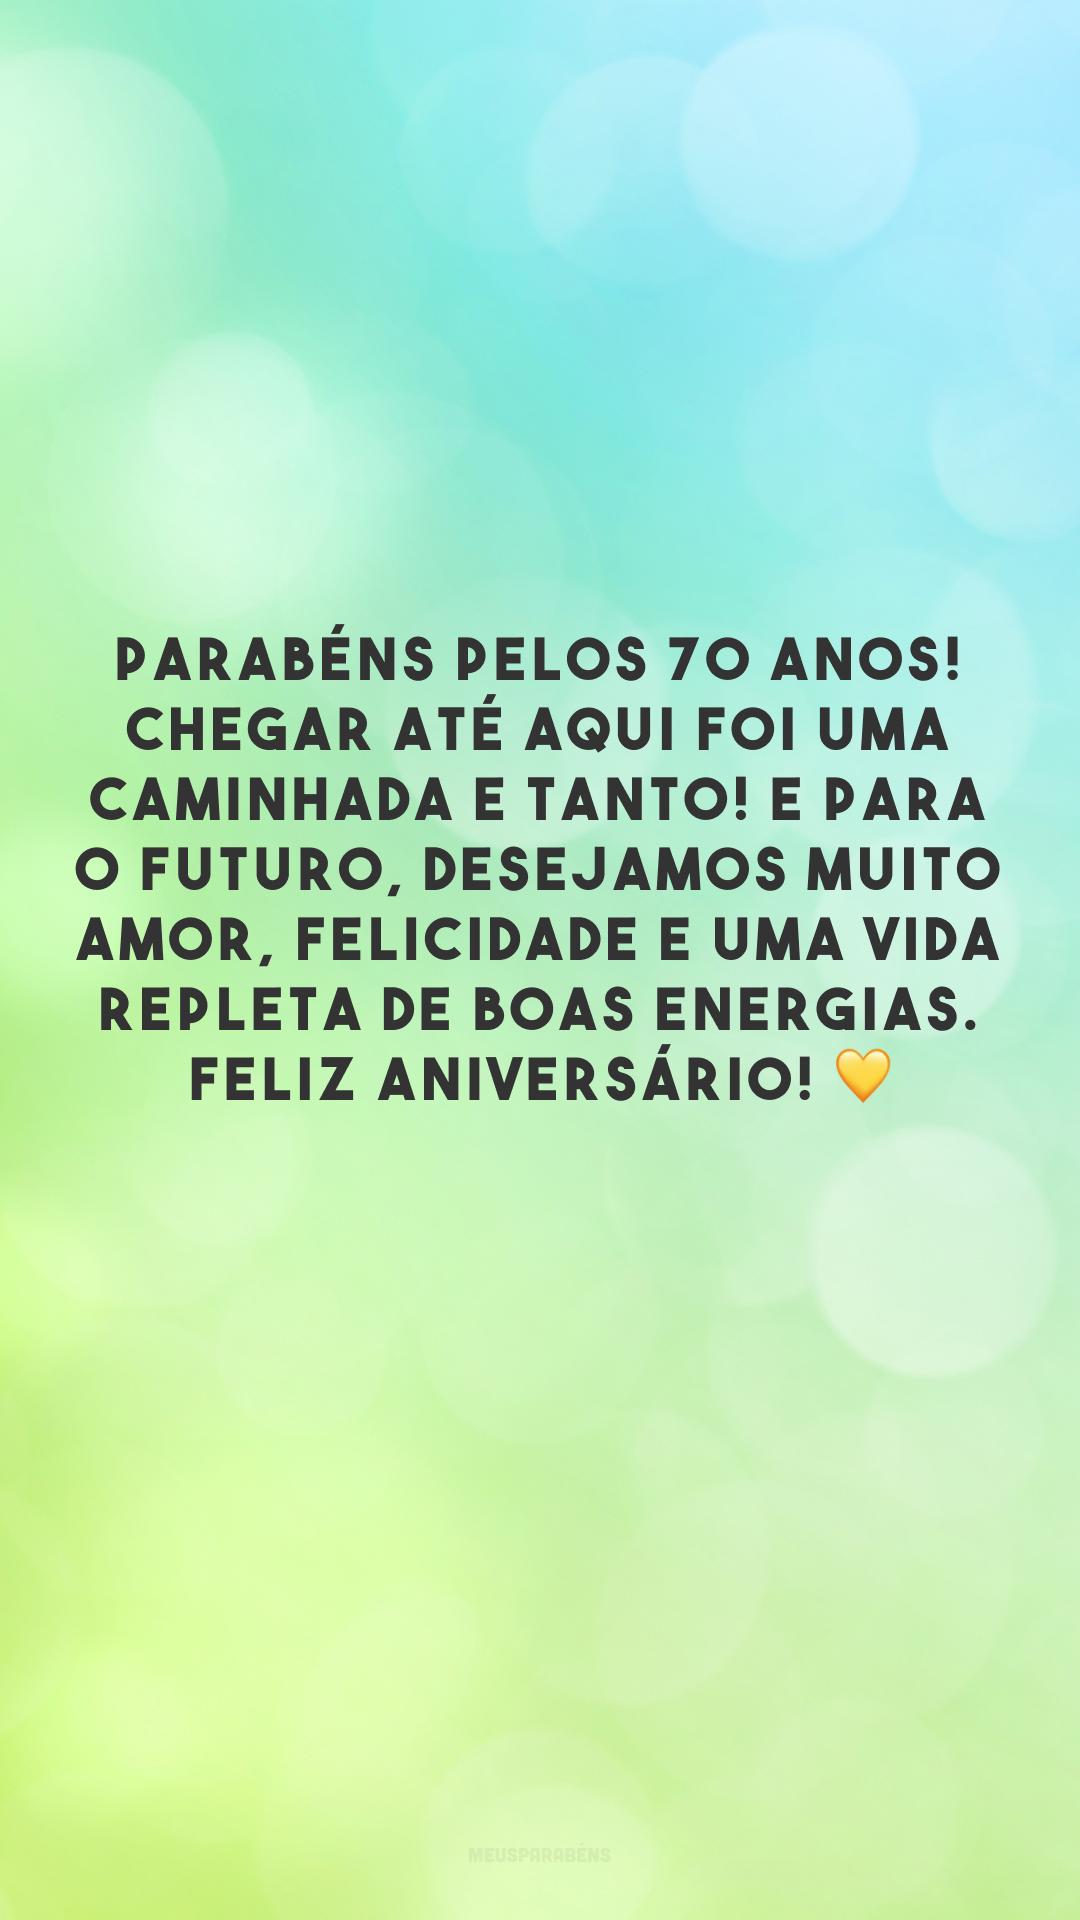 Parabéns pelos 70 anos! Chegar até aqui foi uma caminhada e tanto! E para o futuro, desejamos muito amor, felicidade e uma vida repleta de boas energias. Feliz aniversário! 💛